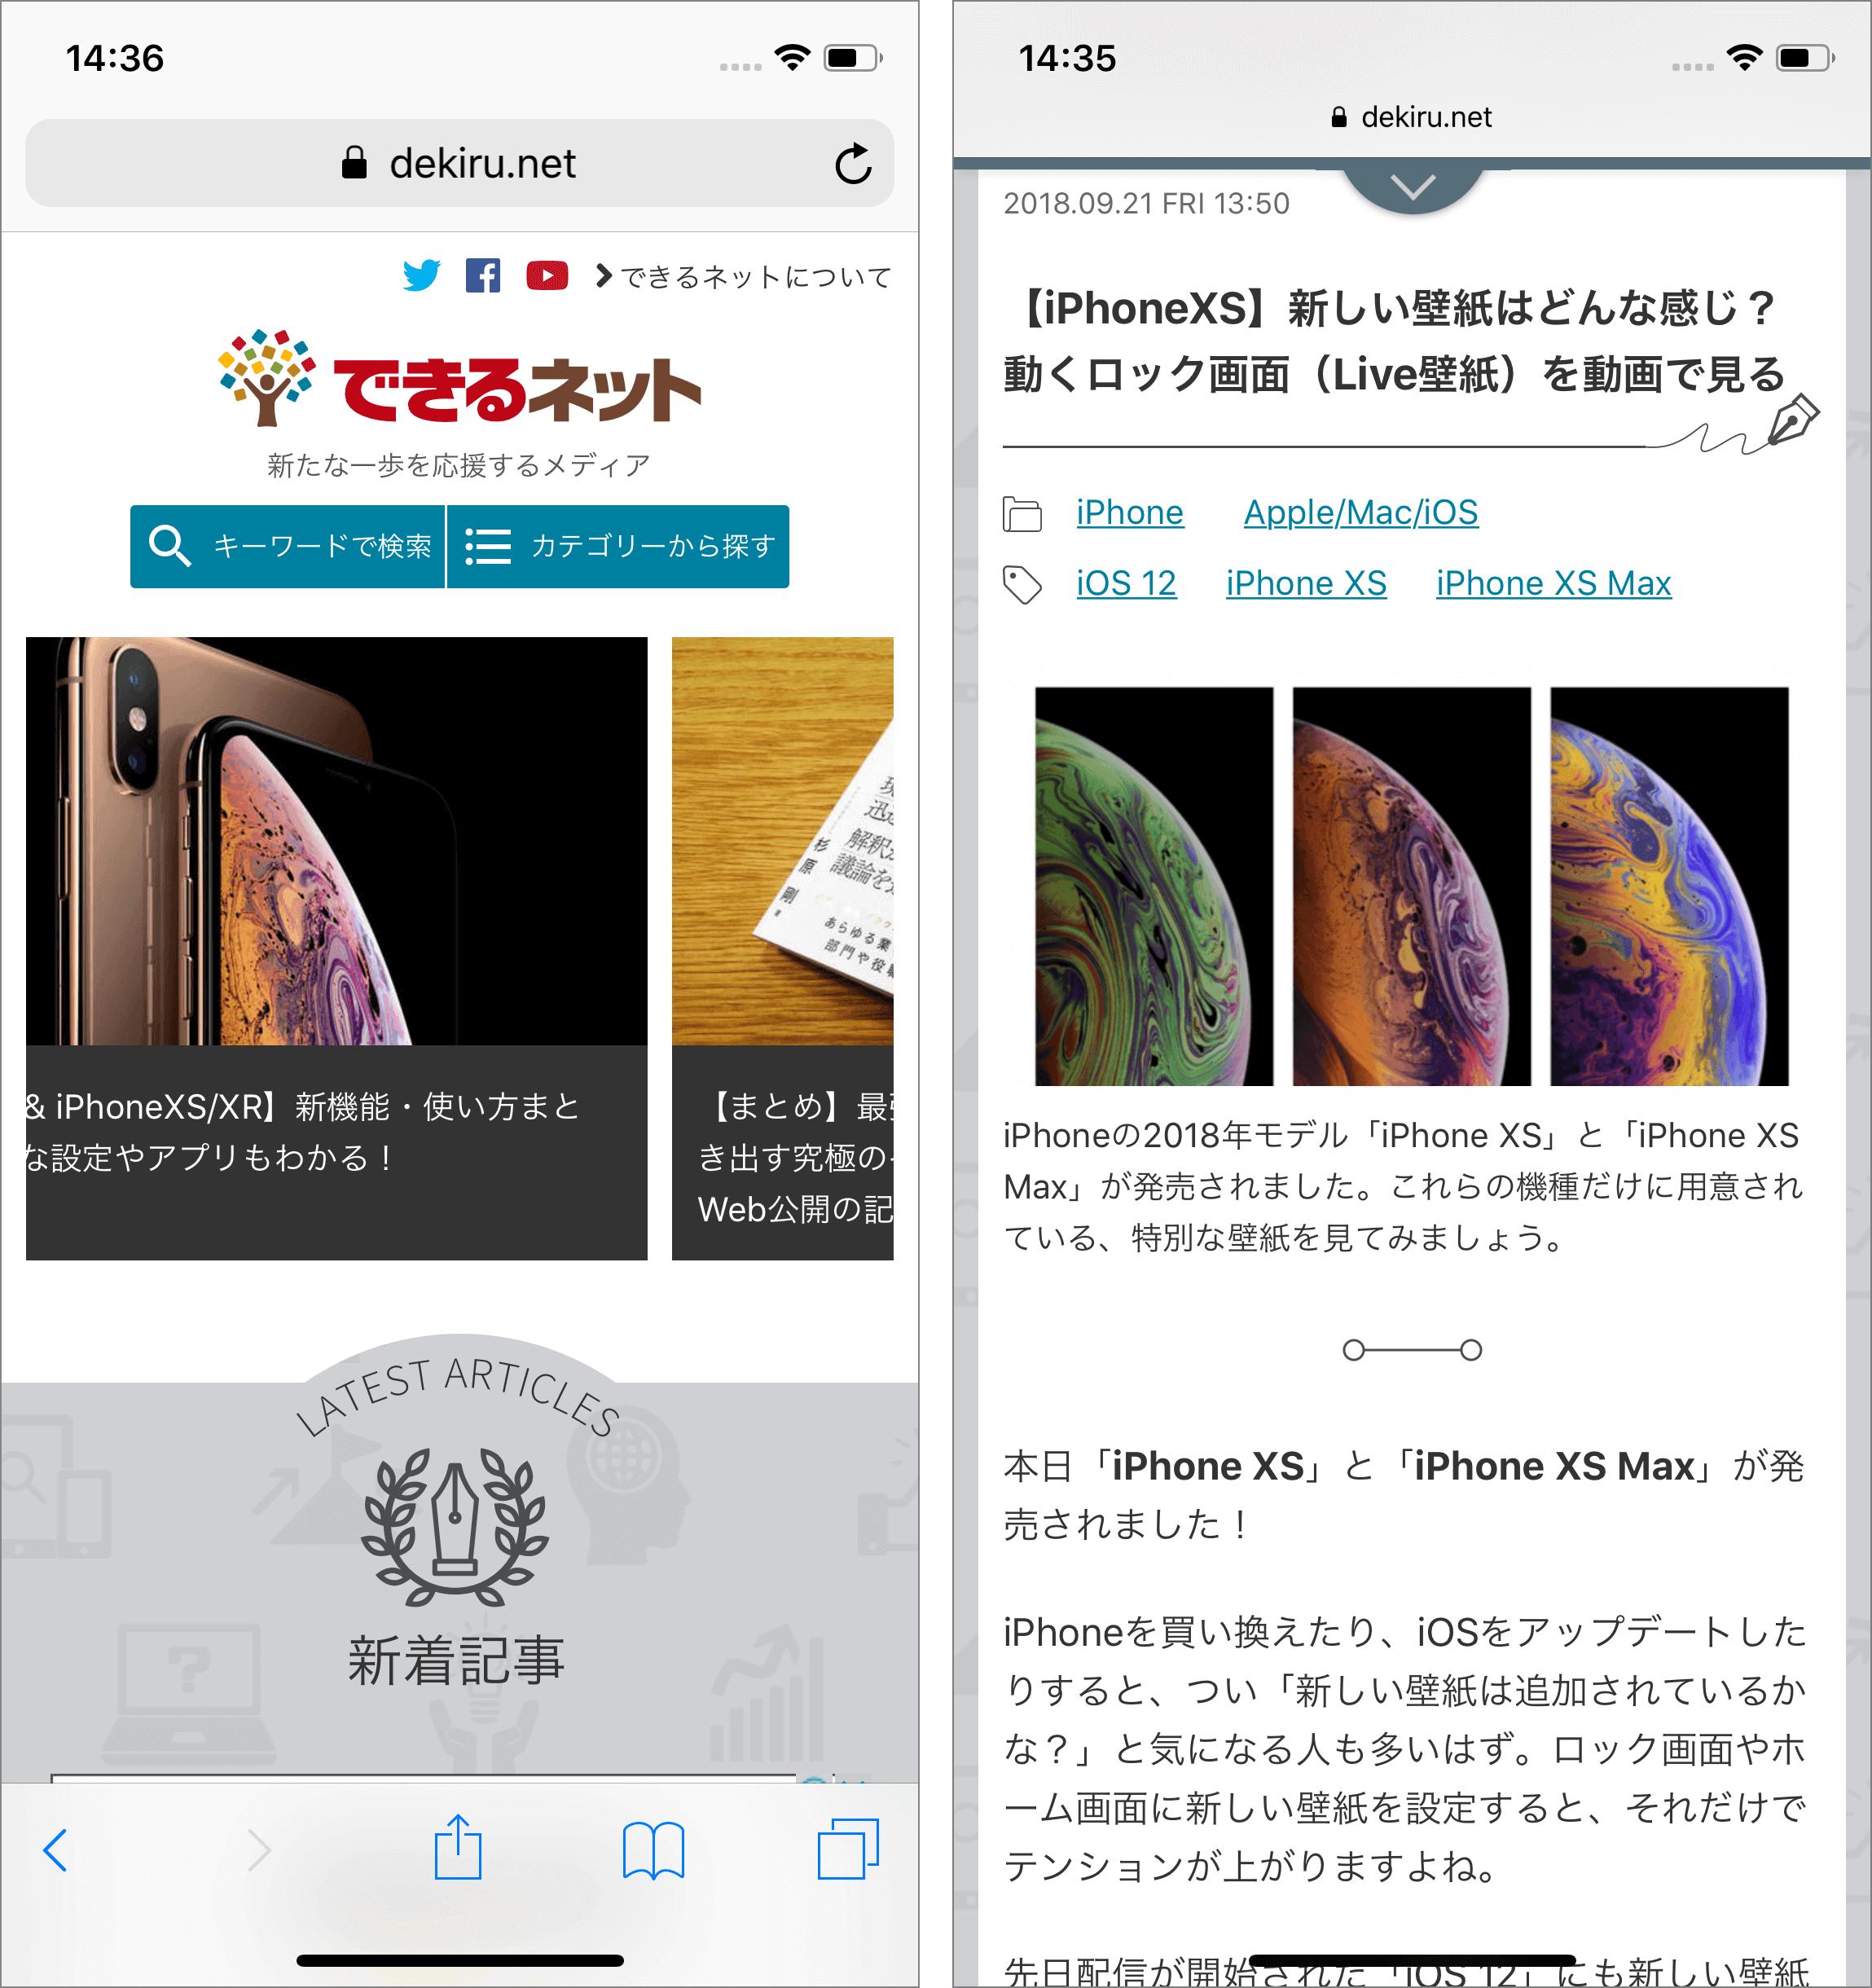 「できるネット」の新デザインのスマートフォン版の画面